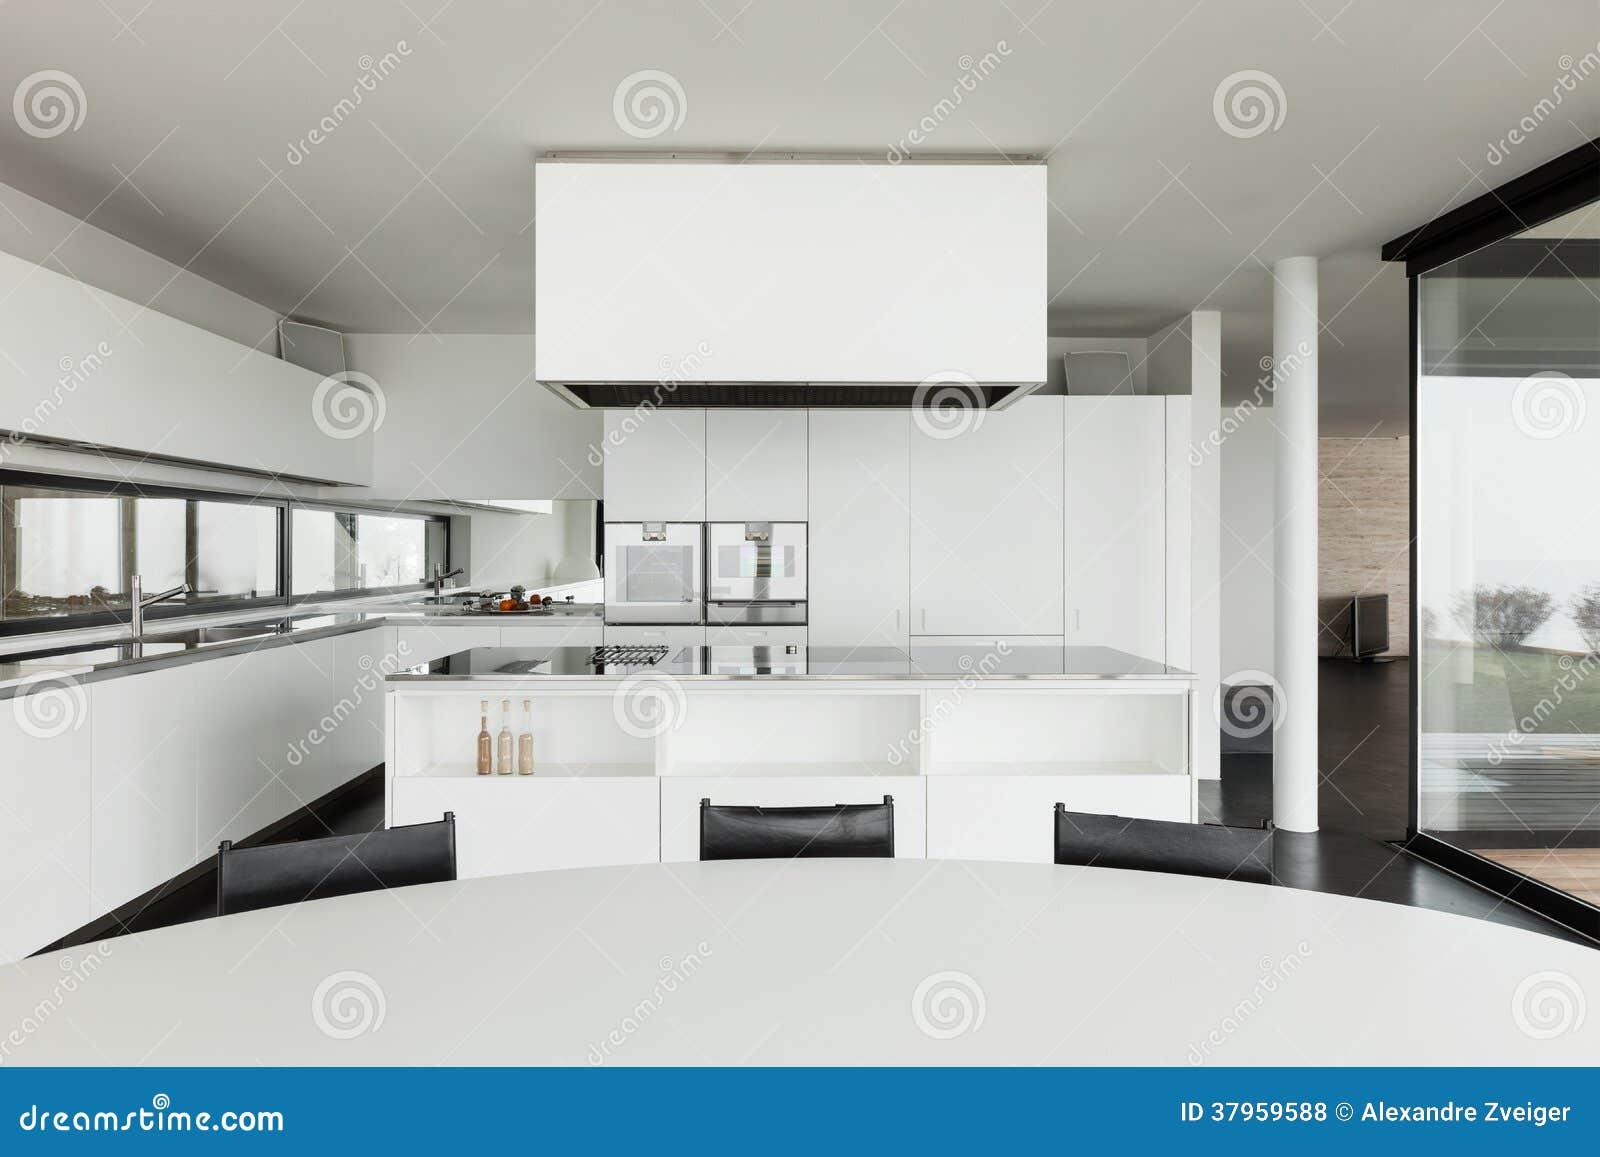 Architecture bel intérieur dune villa moderne cuisine domestique